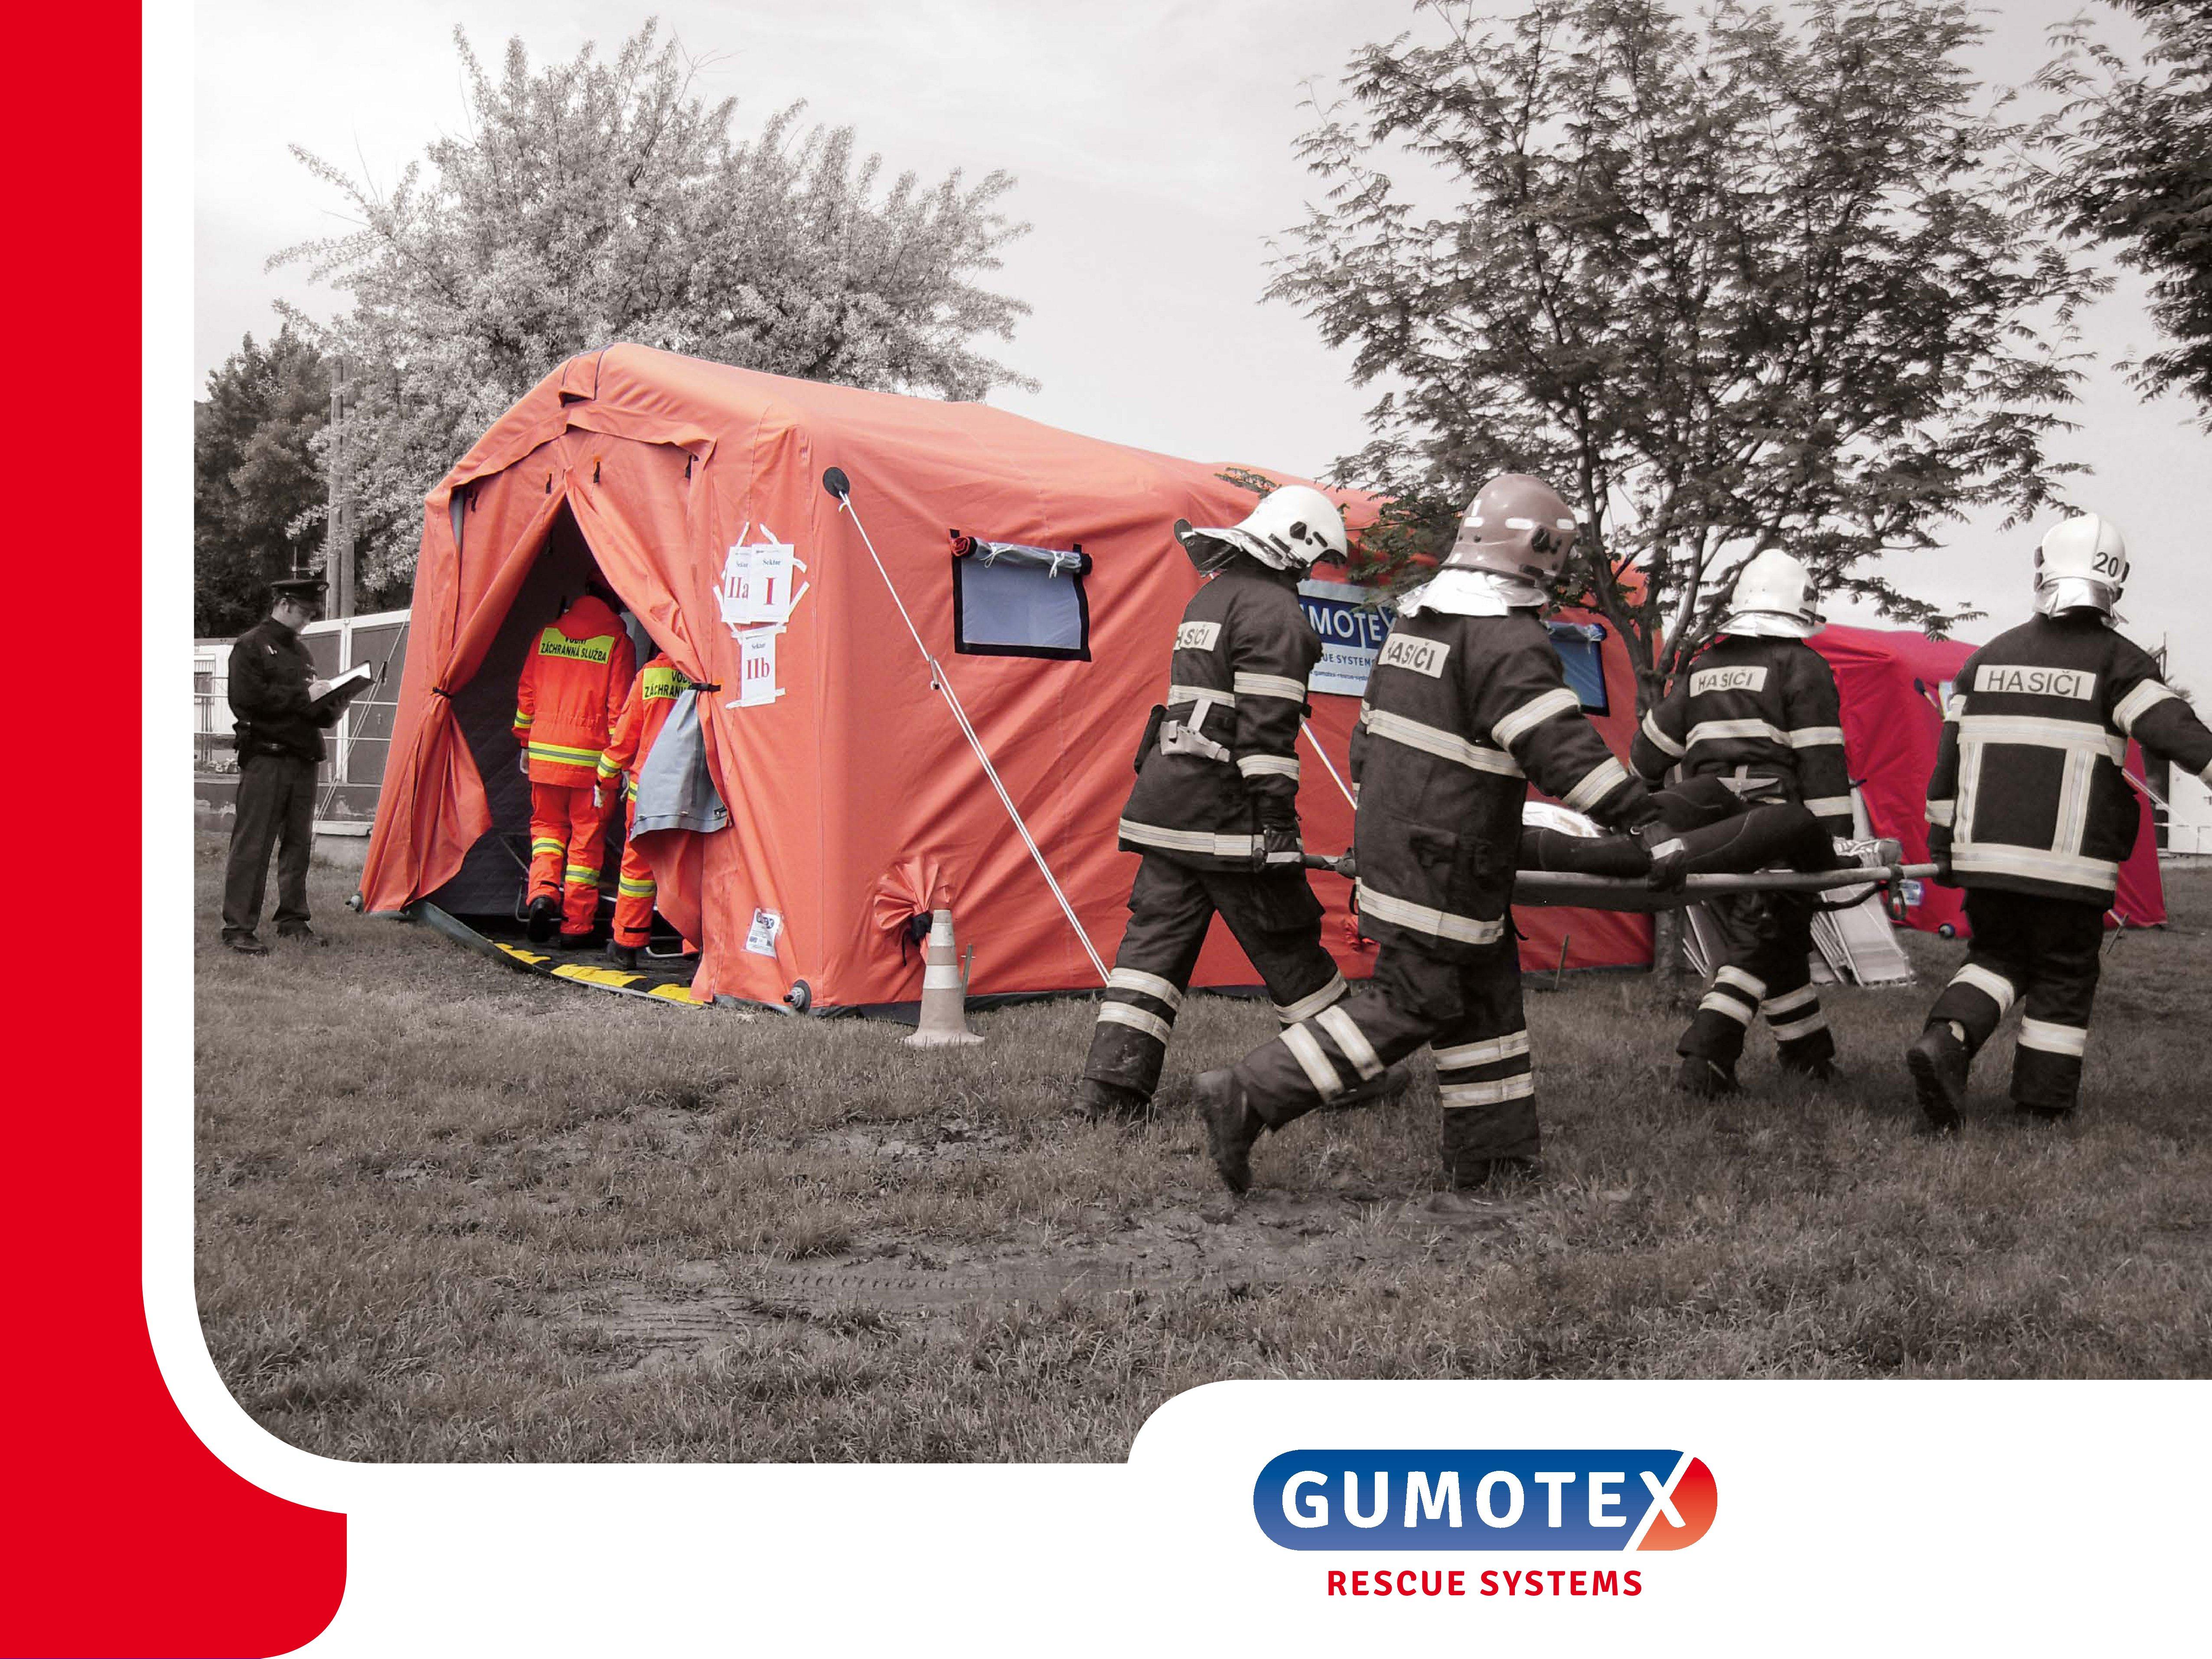 Výrobky kolekce GUMOTEX RESCUE SYSTEMS poskytují sofistikované, originální a komplexní řešení vybave...